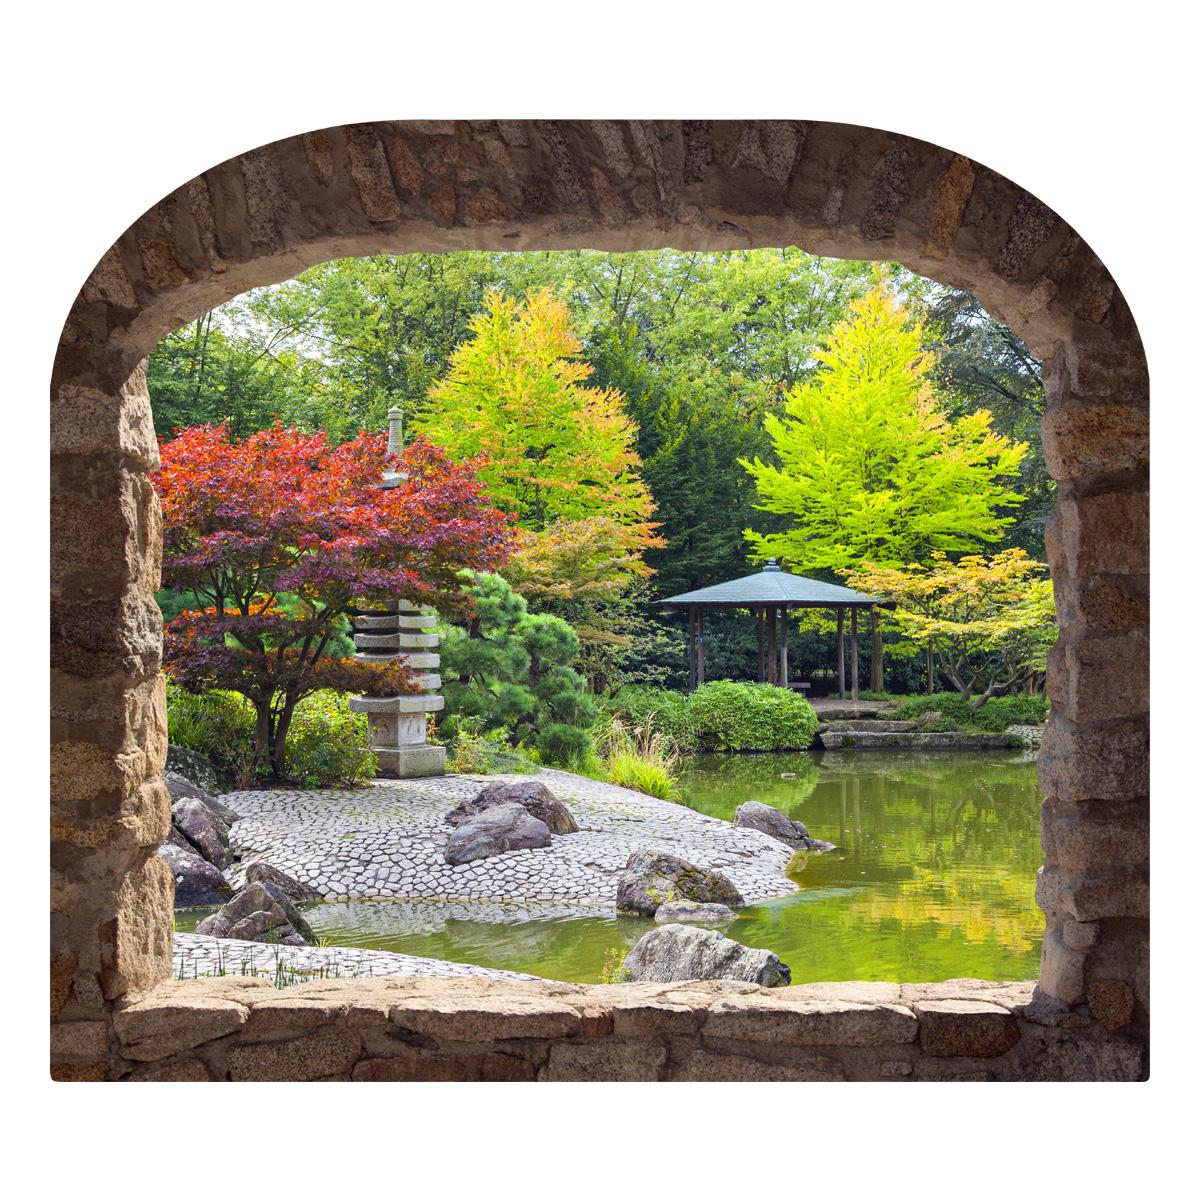 Sticker muraux trompe l 39 oeil sticker mural jardin japonais ambiance - Trompe l oeil jardin ...